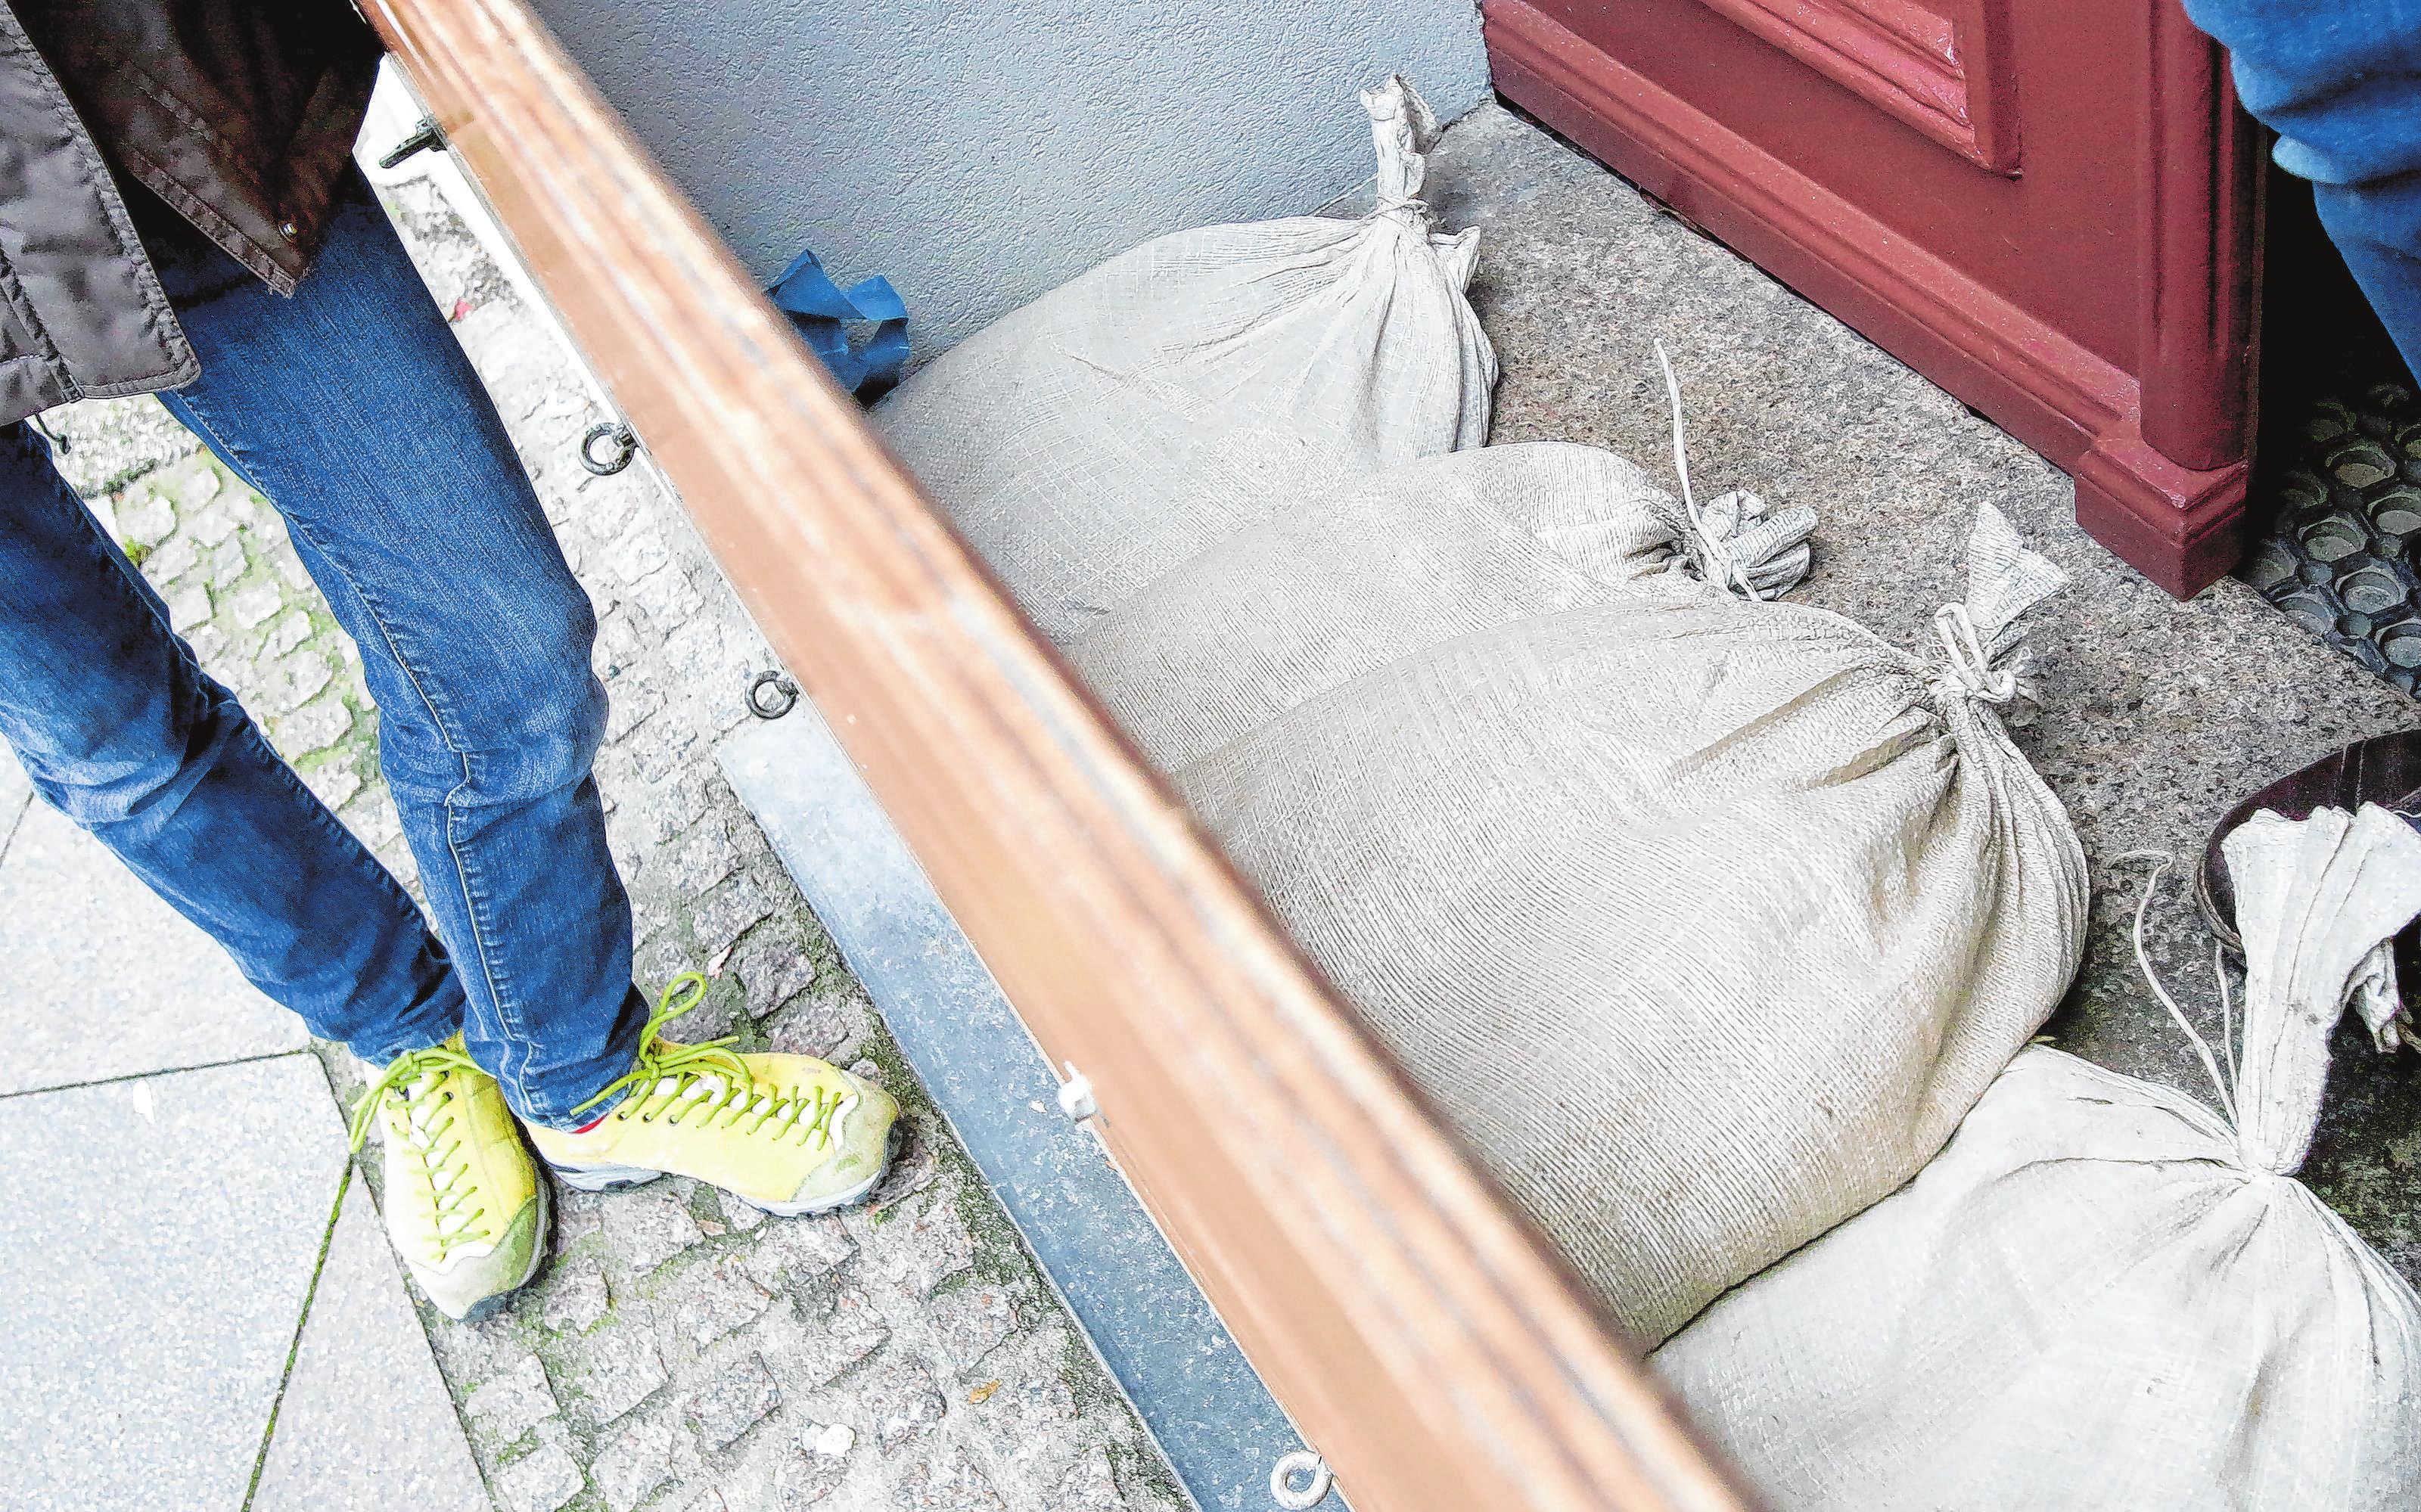 Sandsäcke sind die Hilfe im Notfall. Besser ist es, das Haus im Rahmen eines Umbaus wasserfest zu machen. Foto: Bodo Marks/dpa/dpa-mag